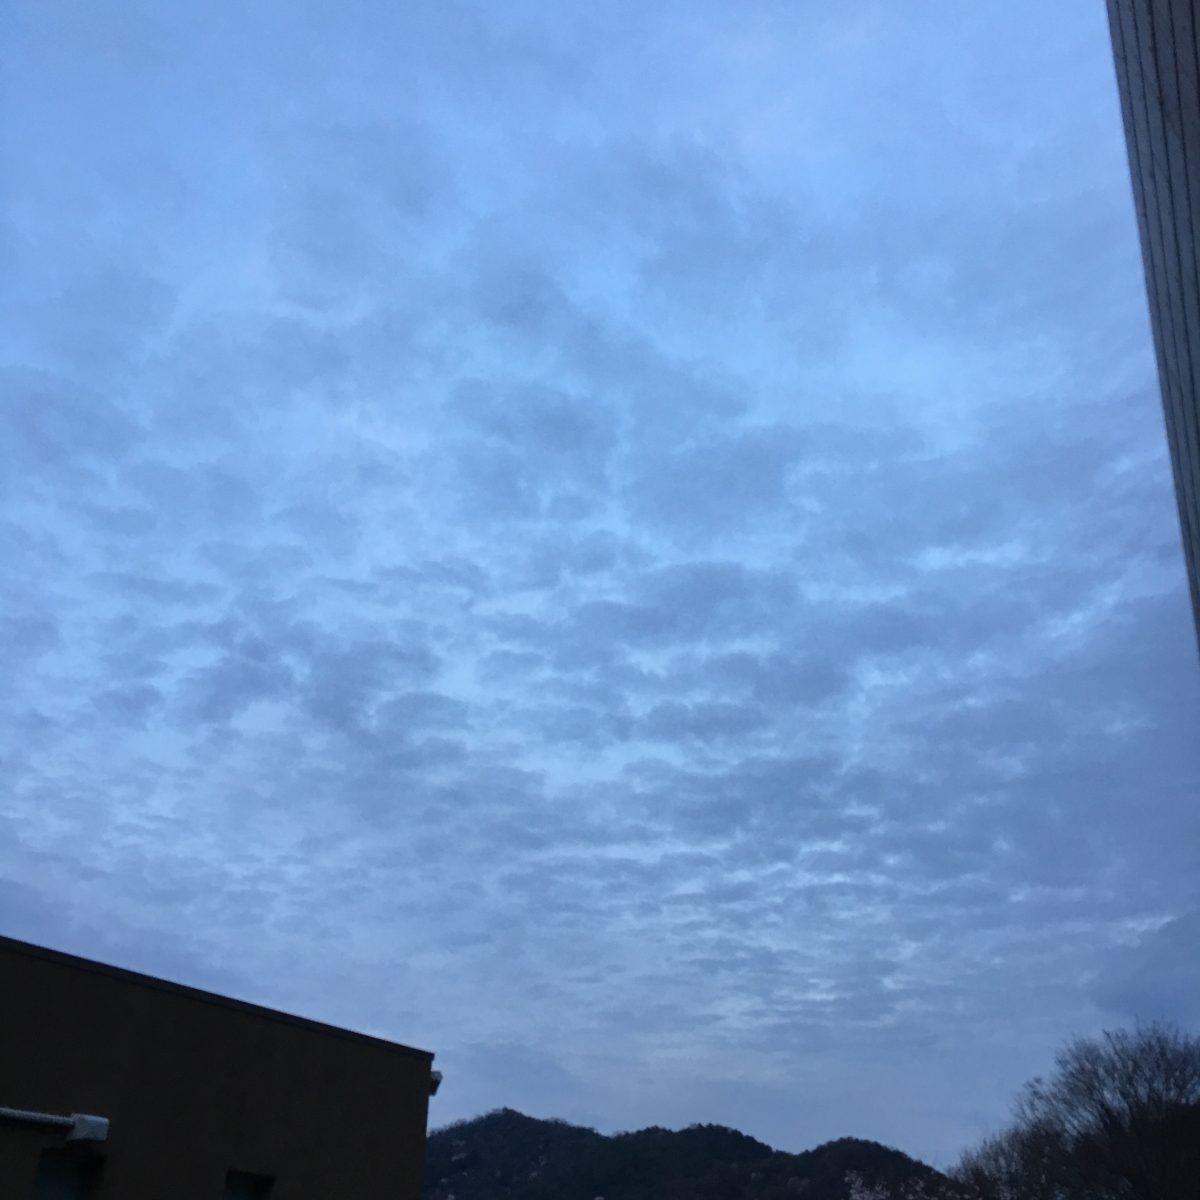 【福崎町】季節はずれな「うろこ雲」?それとも「ひつじ雲」?